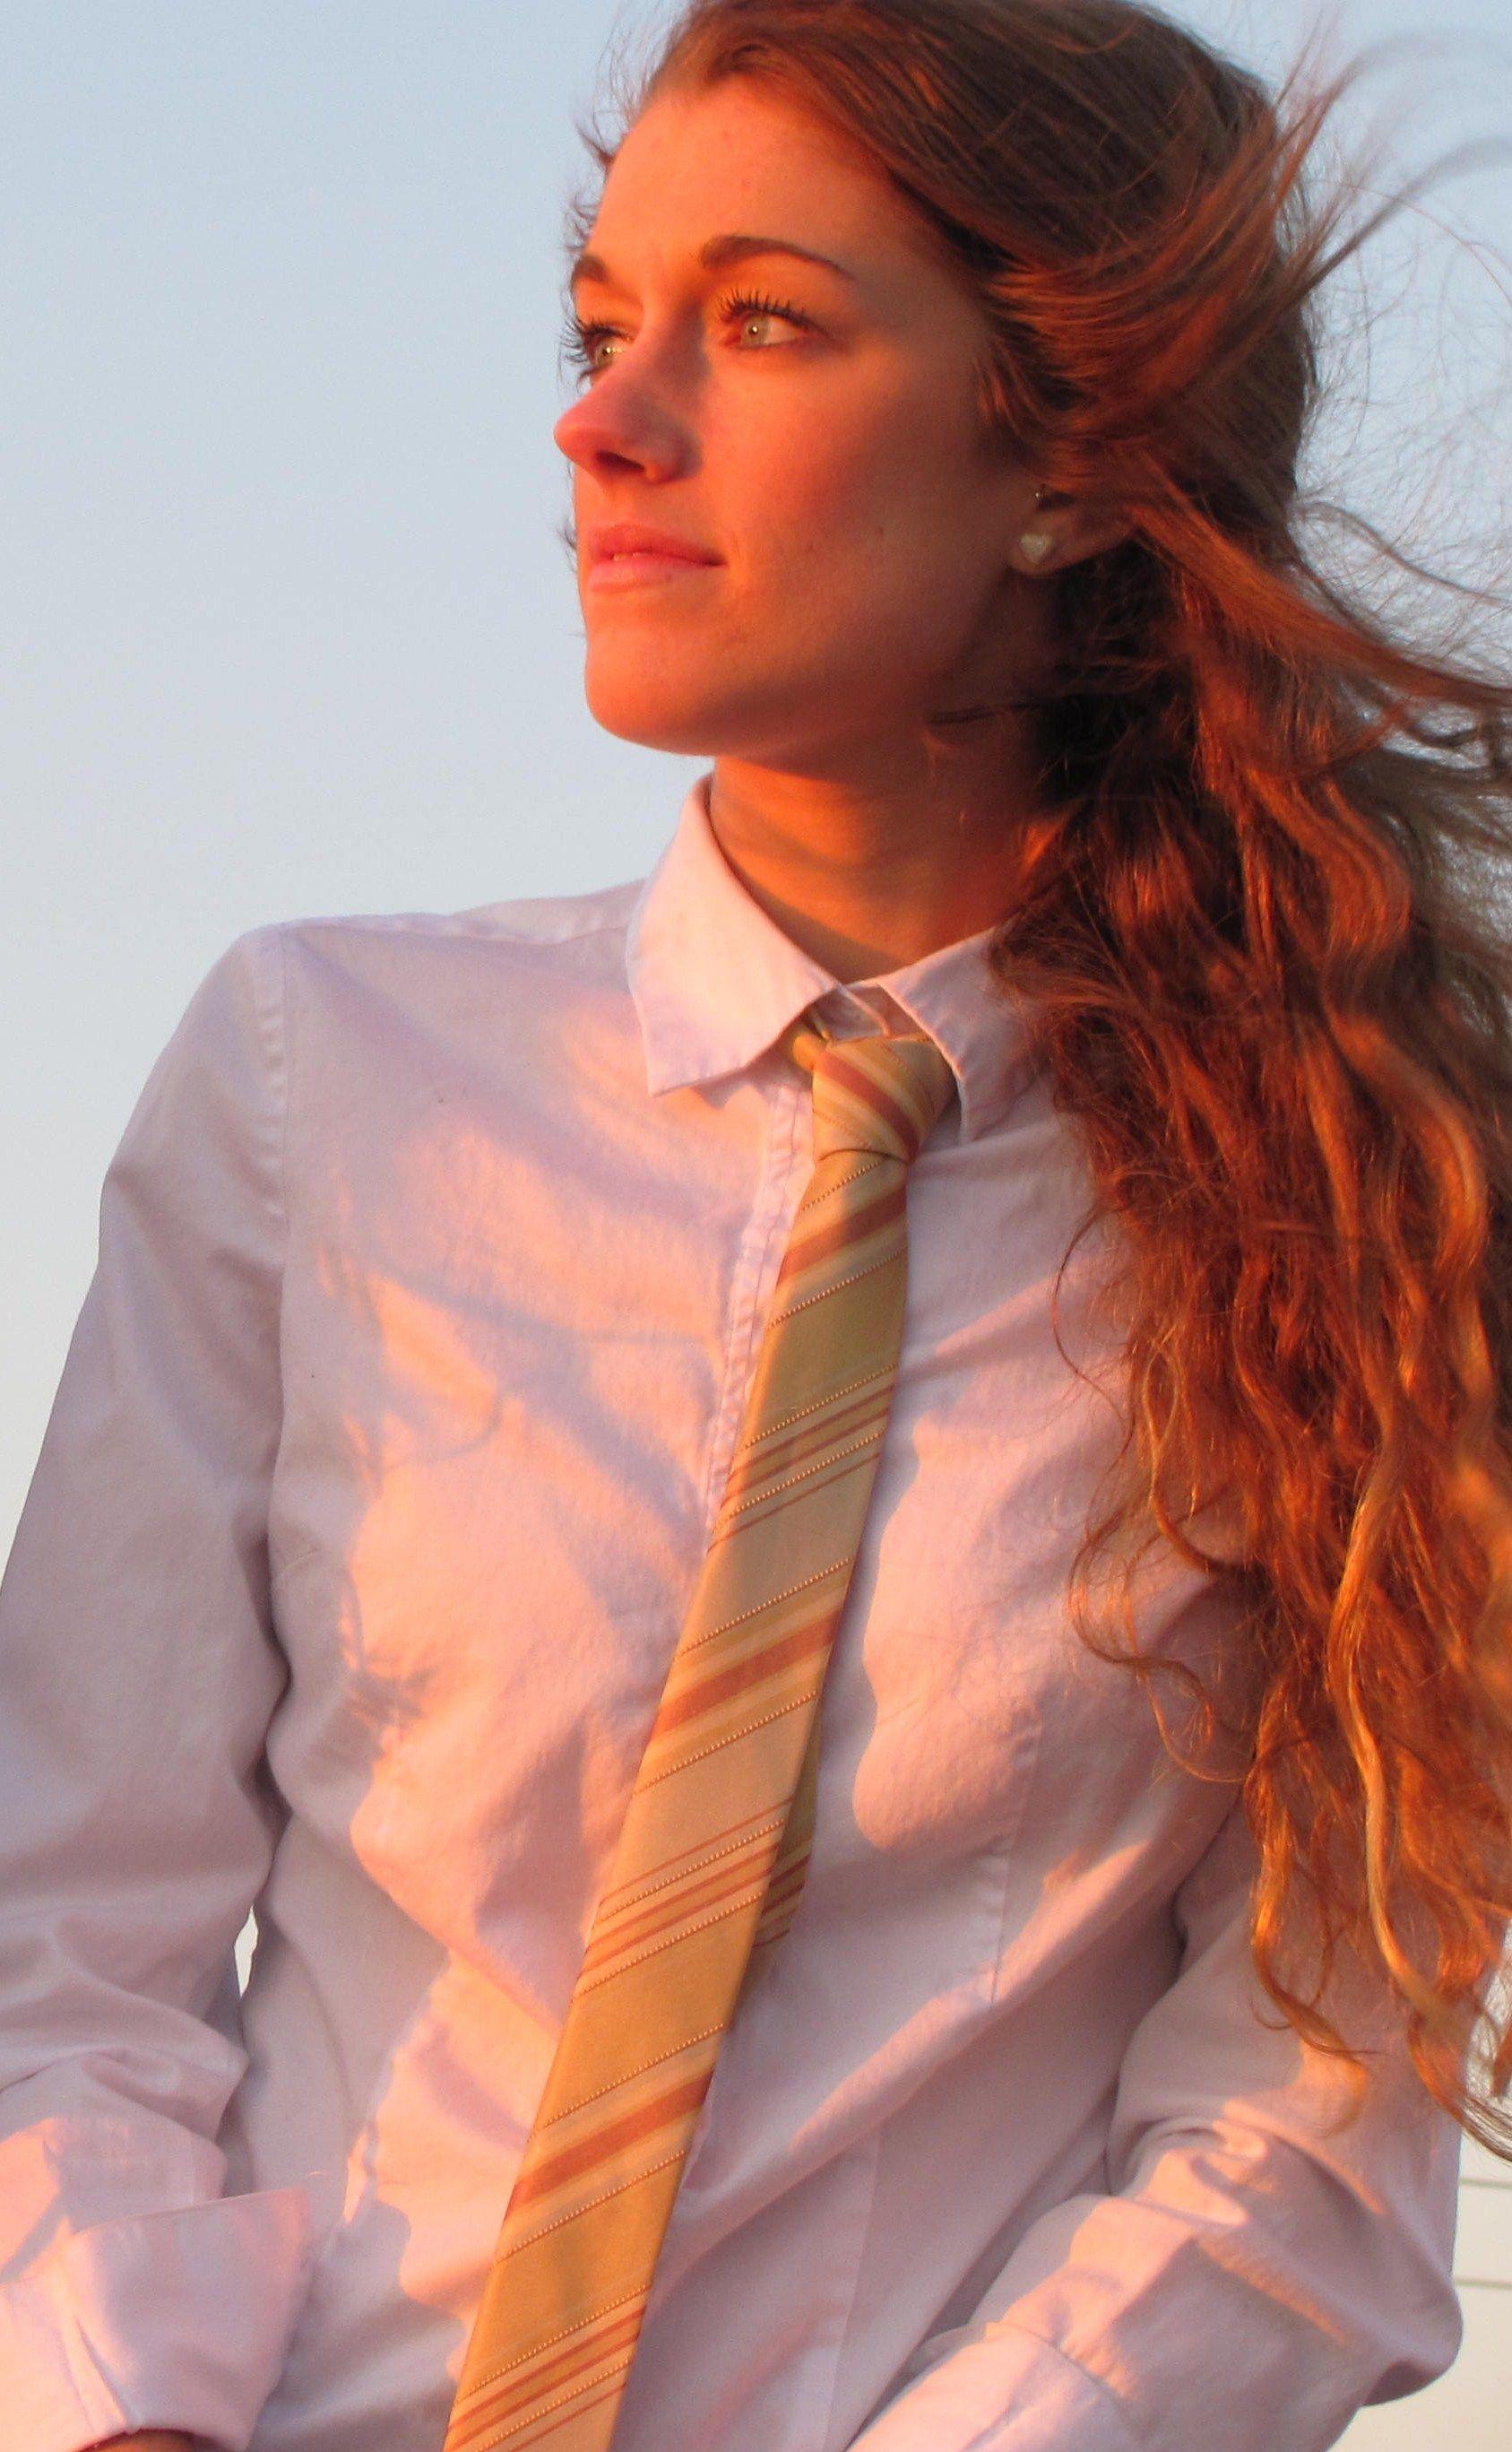 menswear for women FIERCE! www.beth-noel.com